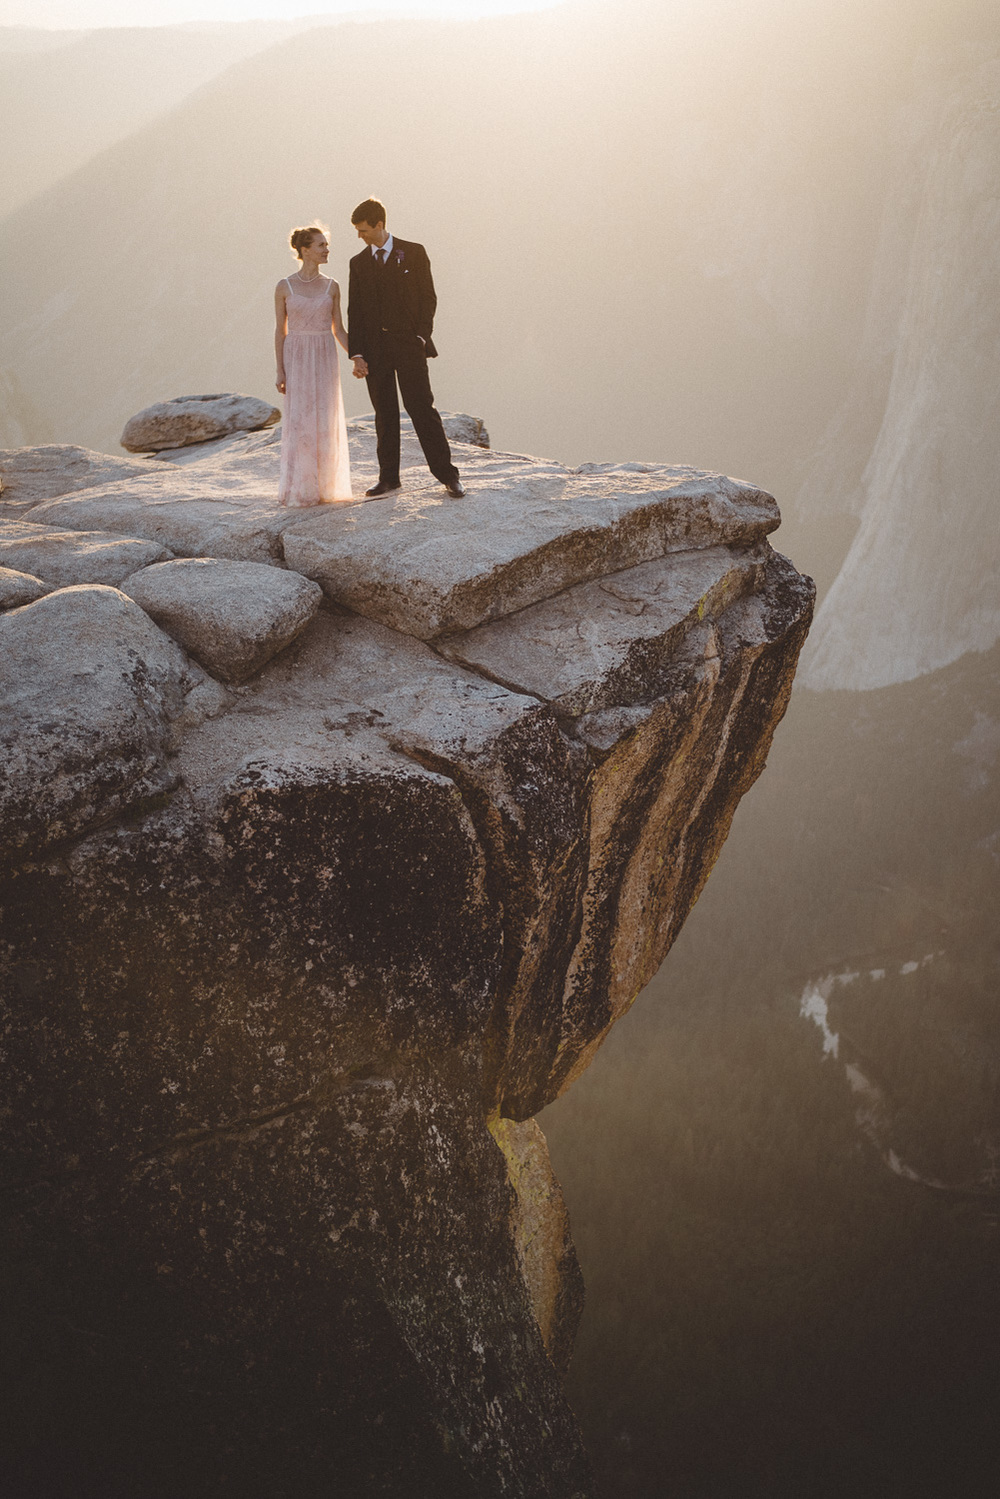 Inna_Alex_Yosemite_Elopement-4910.jpg